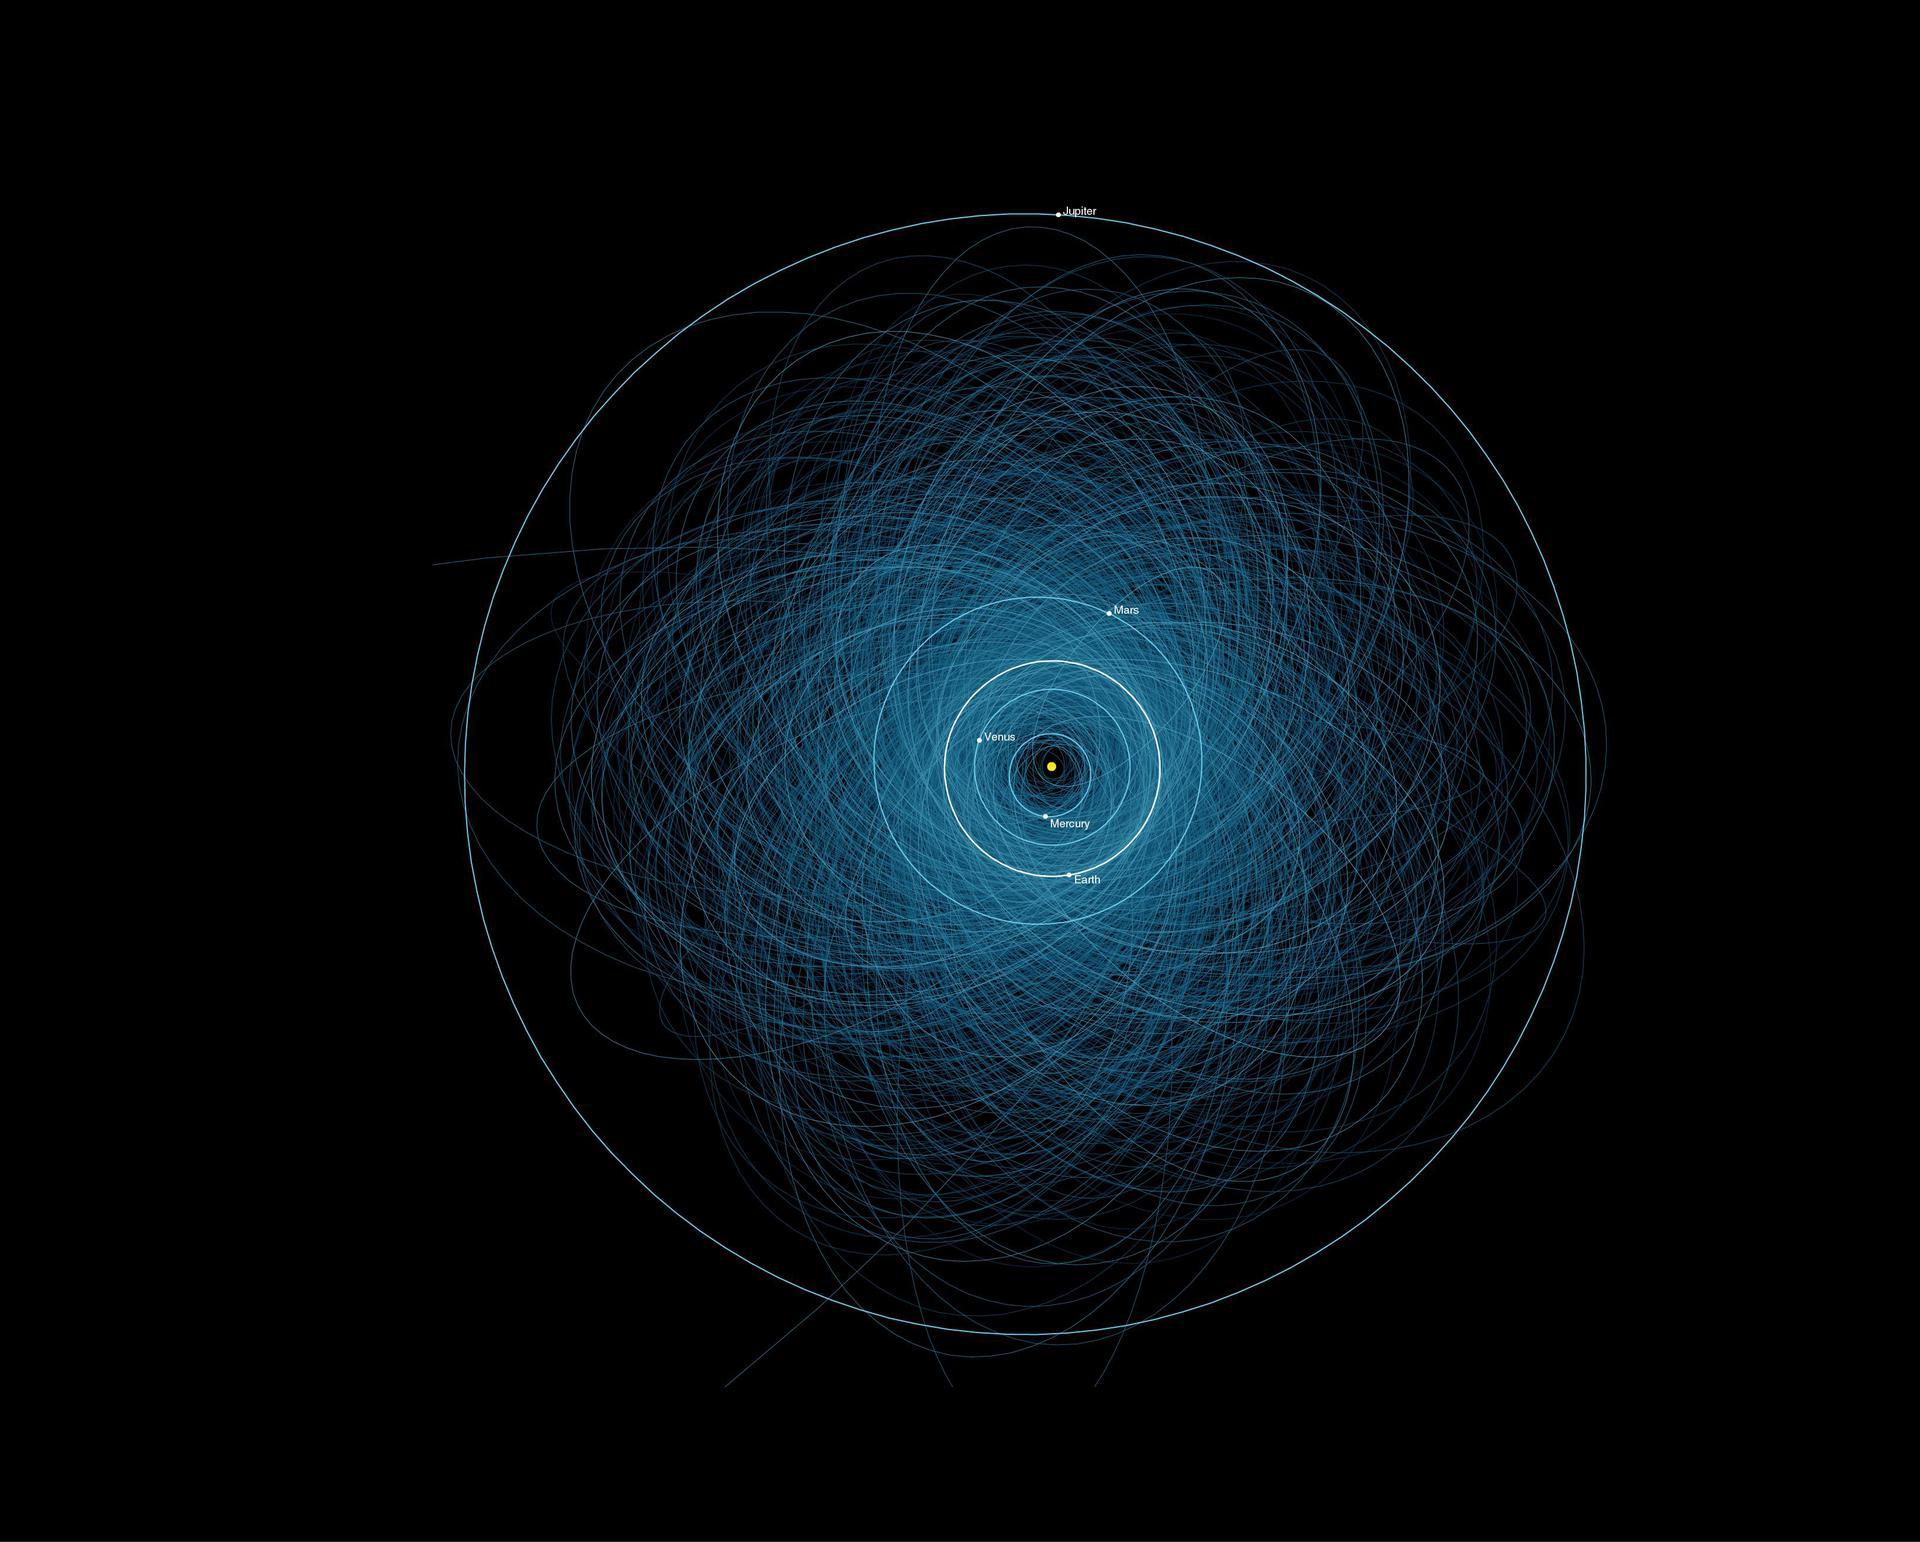 Потенциально опасные астероиды